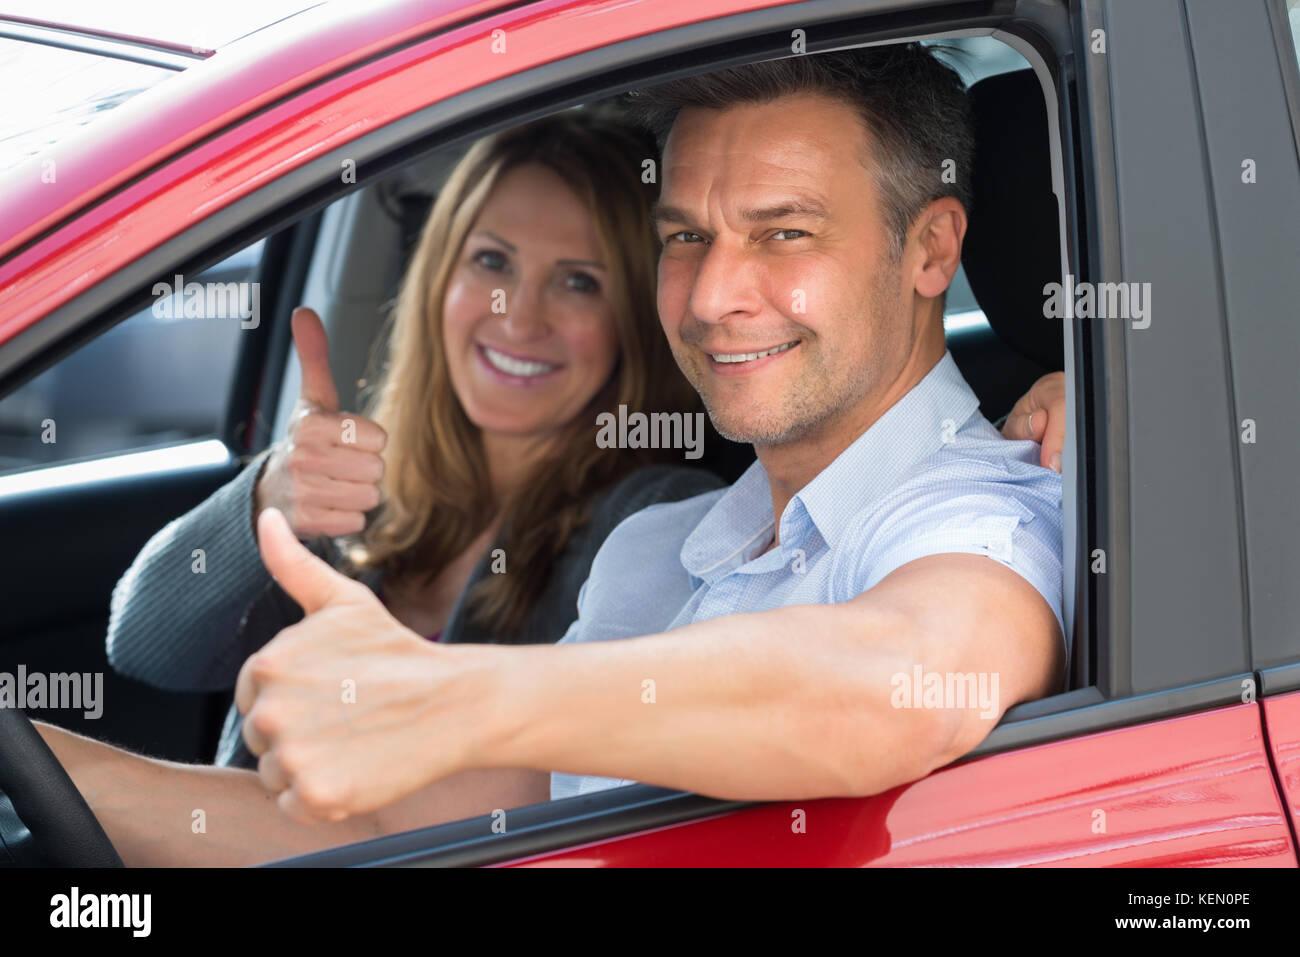 Nahaufnahme der glücklichen Paare innerhalb der neu erworbenen Auto sitzen Stockbild